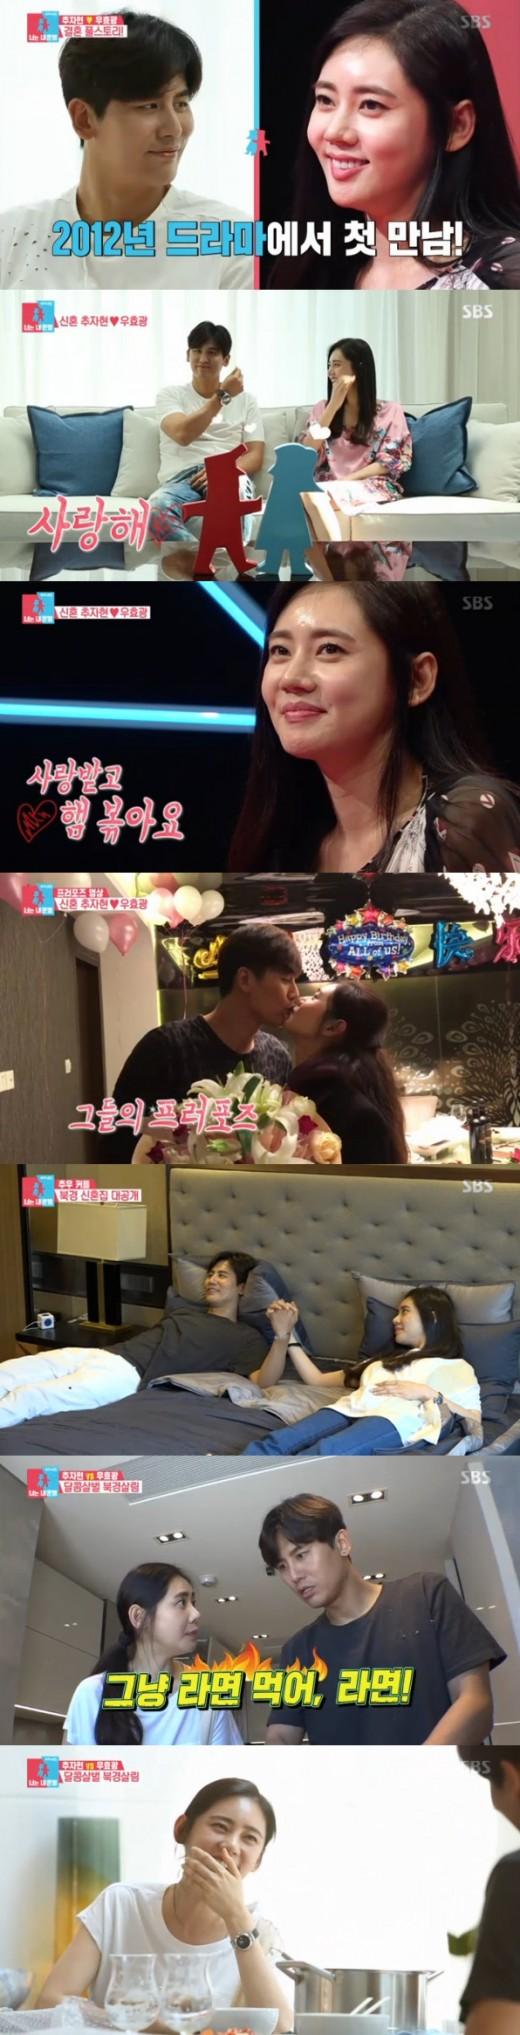 夫妻二人上SBS综艺节目《同床异梦2-你是我的命运》